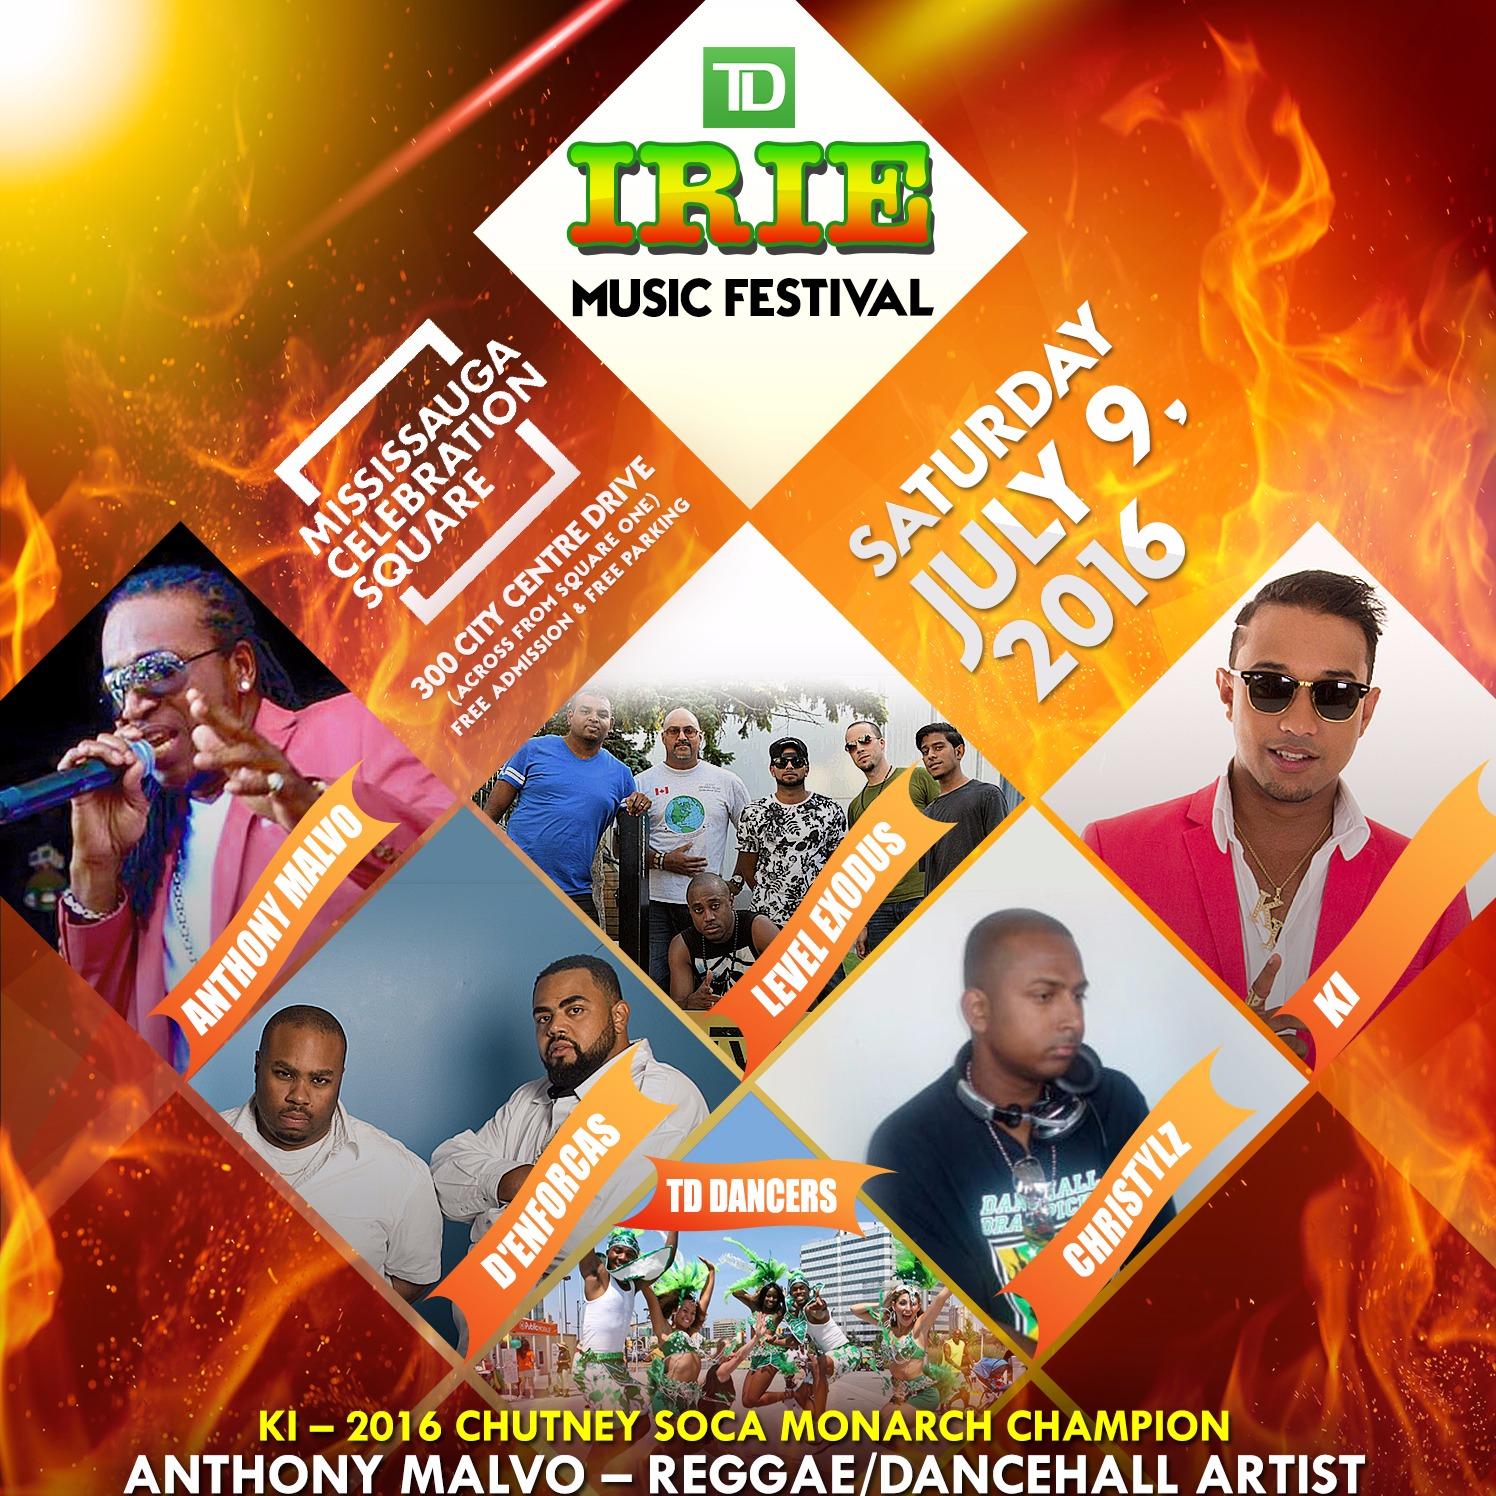 TD IRIE MUSIC FESTIVAL MISSISSAUGA